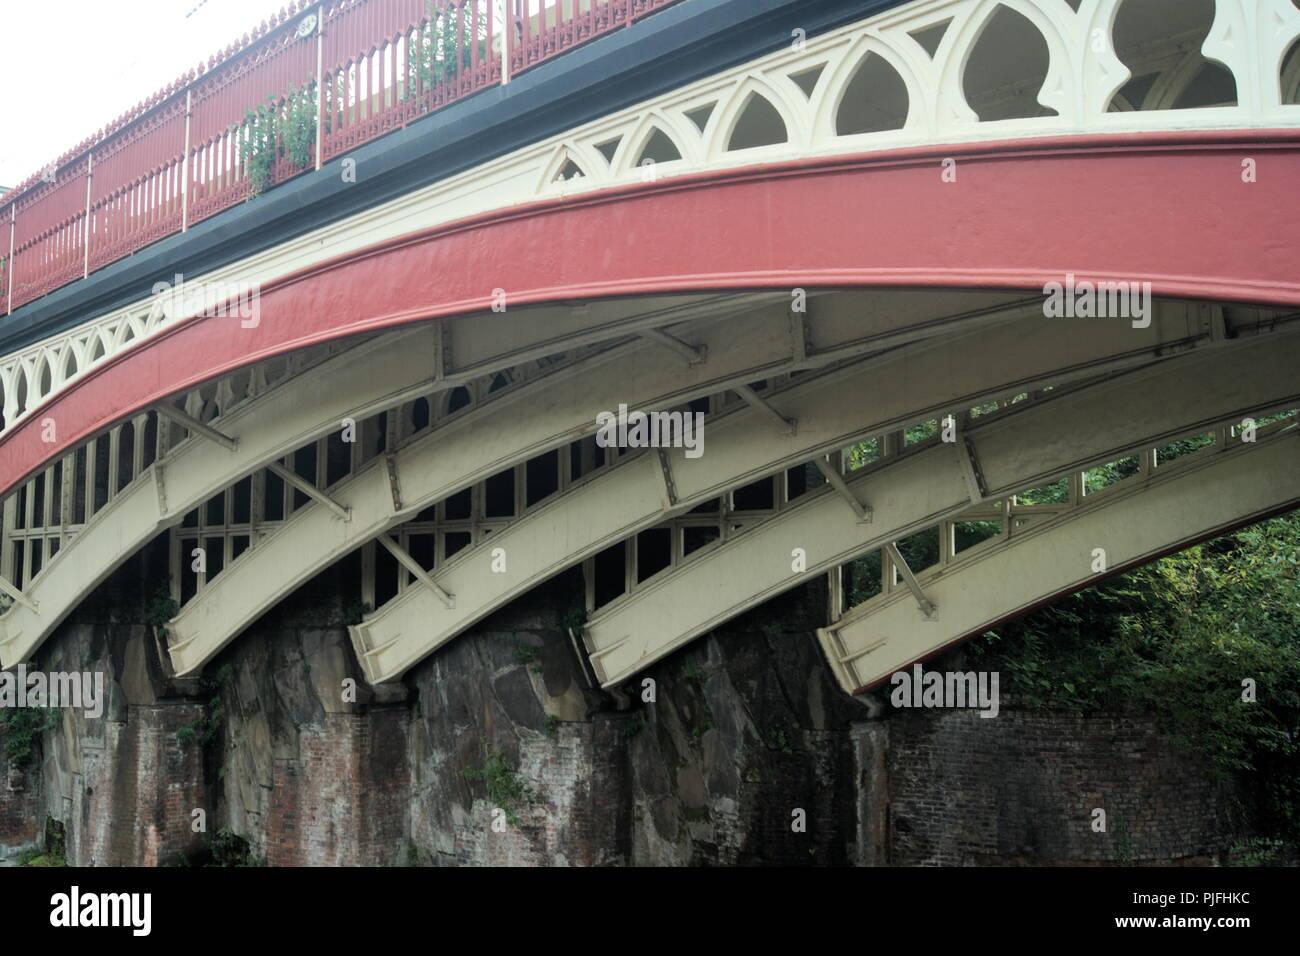 Vue sur un pont ferroviaire en fonte à Castlefields, Manchester, Angleterre. Vue rapprochée des supports incurvés de ce magnifique pont. Banque D'Images